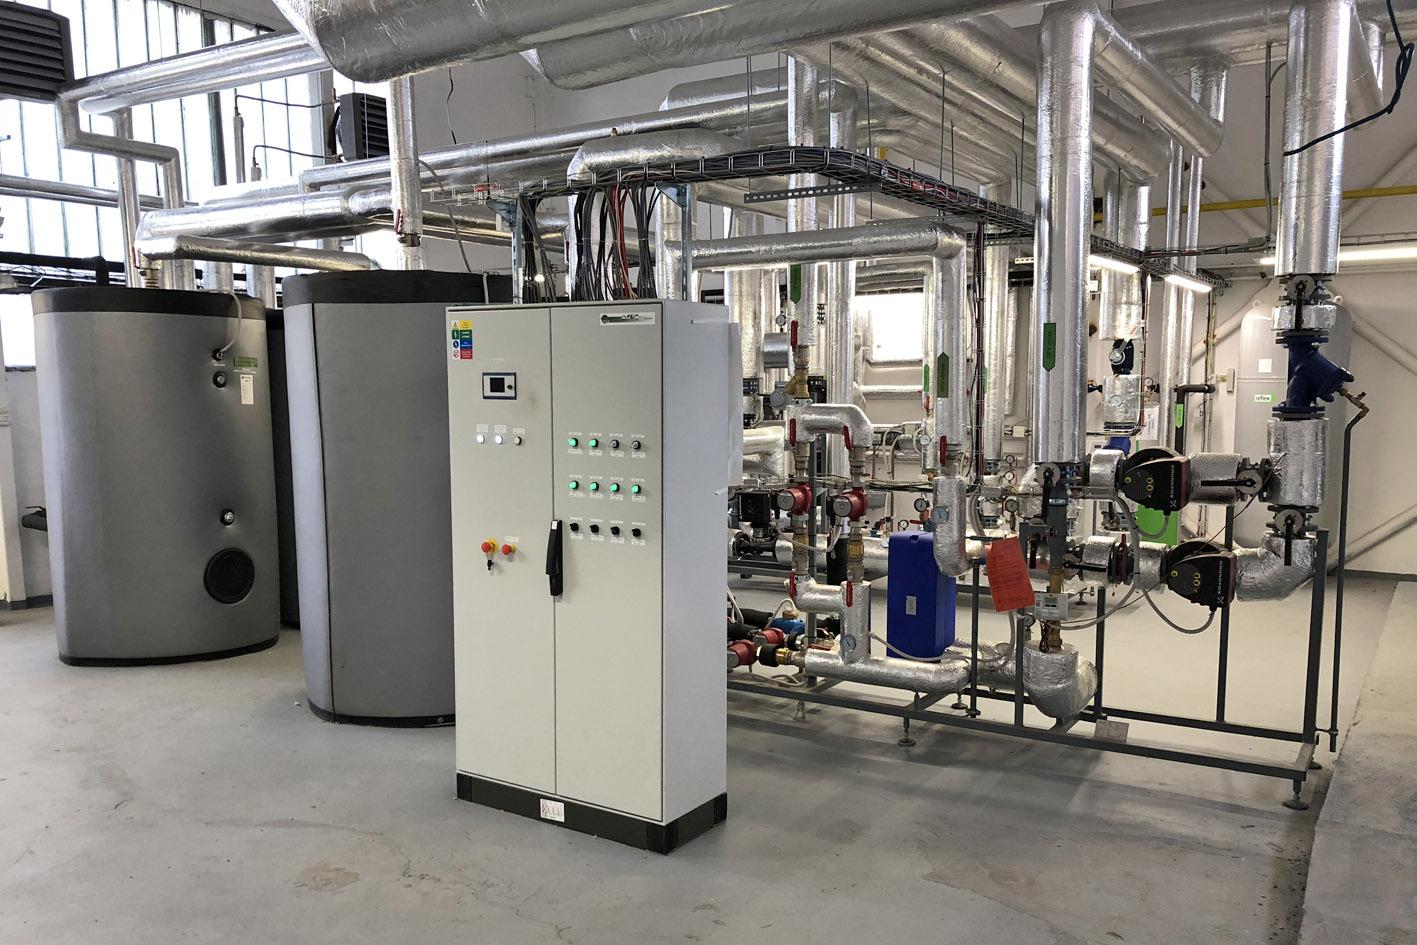 Prínosy rekonštrukcie zdroja tepla pomocou plynového tepelného čerpadla (GHP) Aisin Toyota